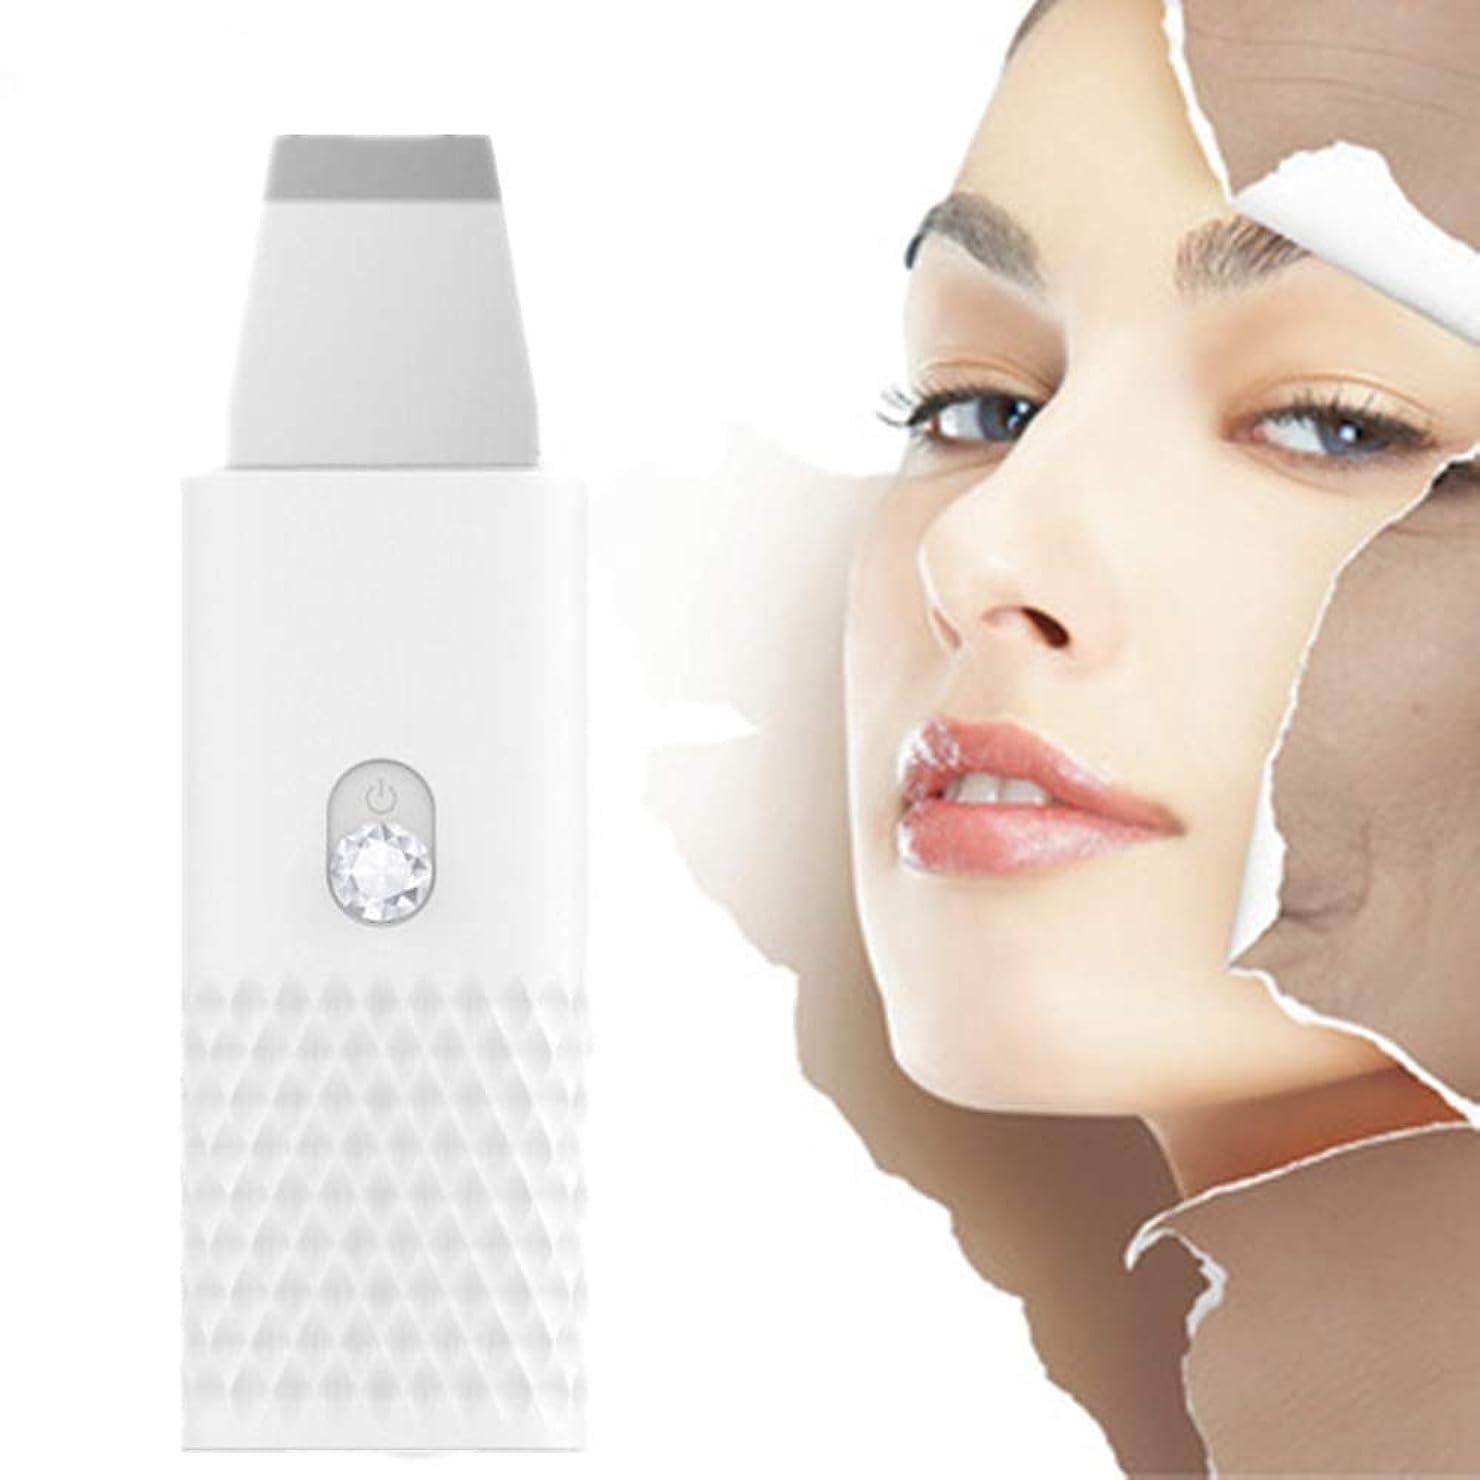 植生免除息を切らしてツールクレンザー古い角質除去ホワイトピーリング顔の皮膚のスクラバーブラックヘッドリムーバー毛穴クリーナー電気EMS導入モードUSB充電女性のスキンマッサージスクラバー?フェイシャルリフティング